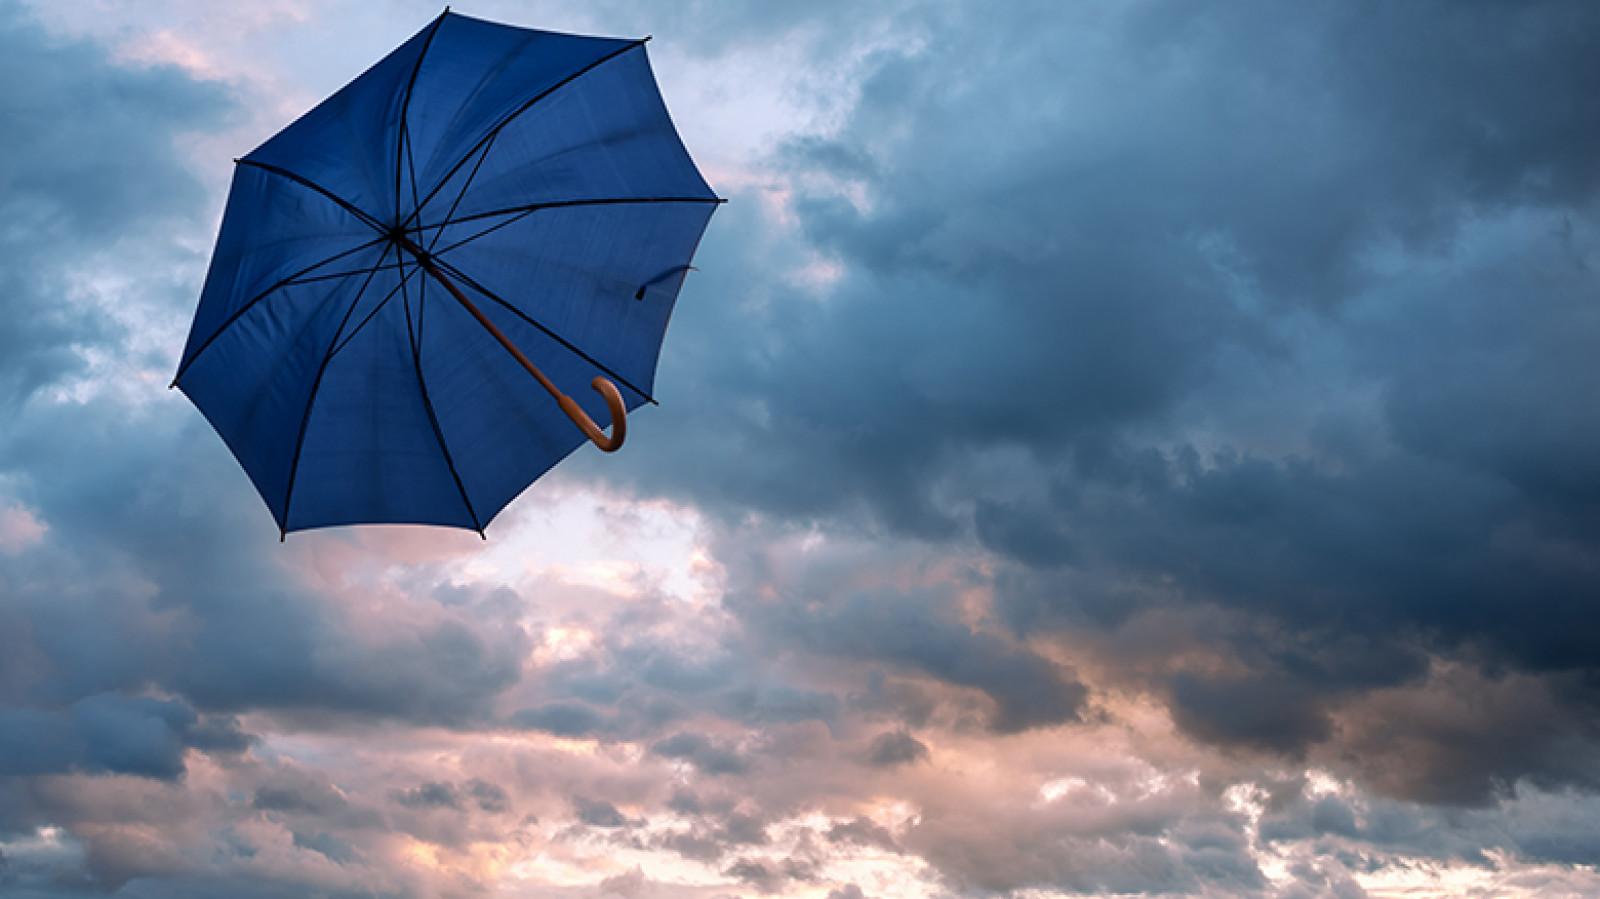 Regen En Zonneschijn : Onstuimige nacht voor de boeg maar na regen komt zonneschijn nh